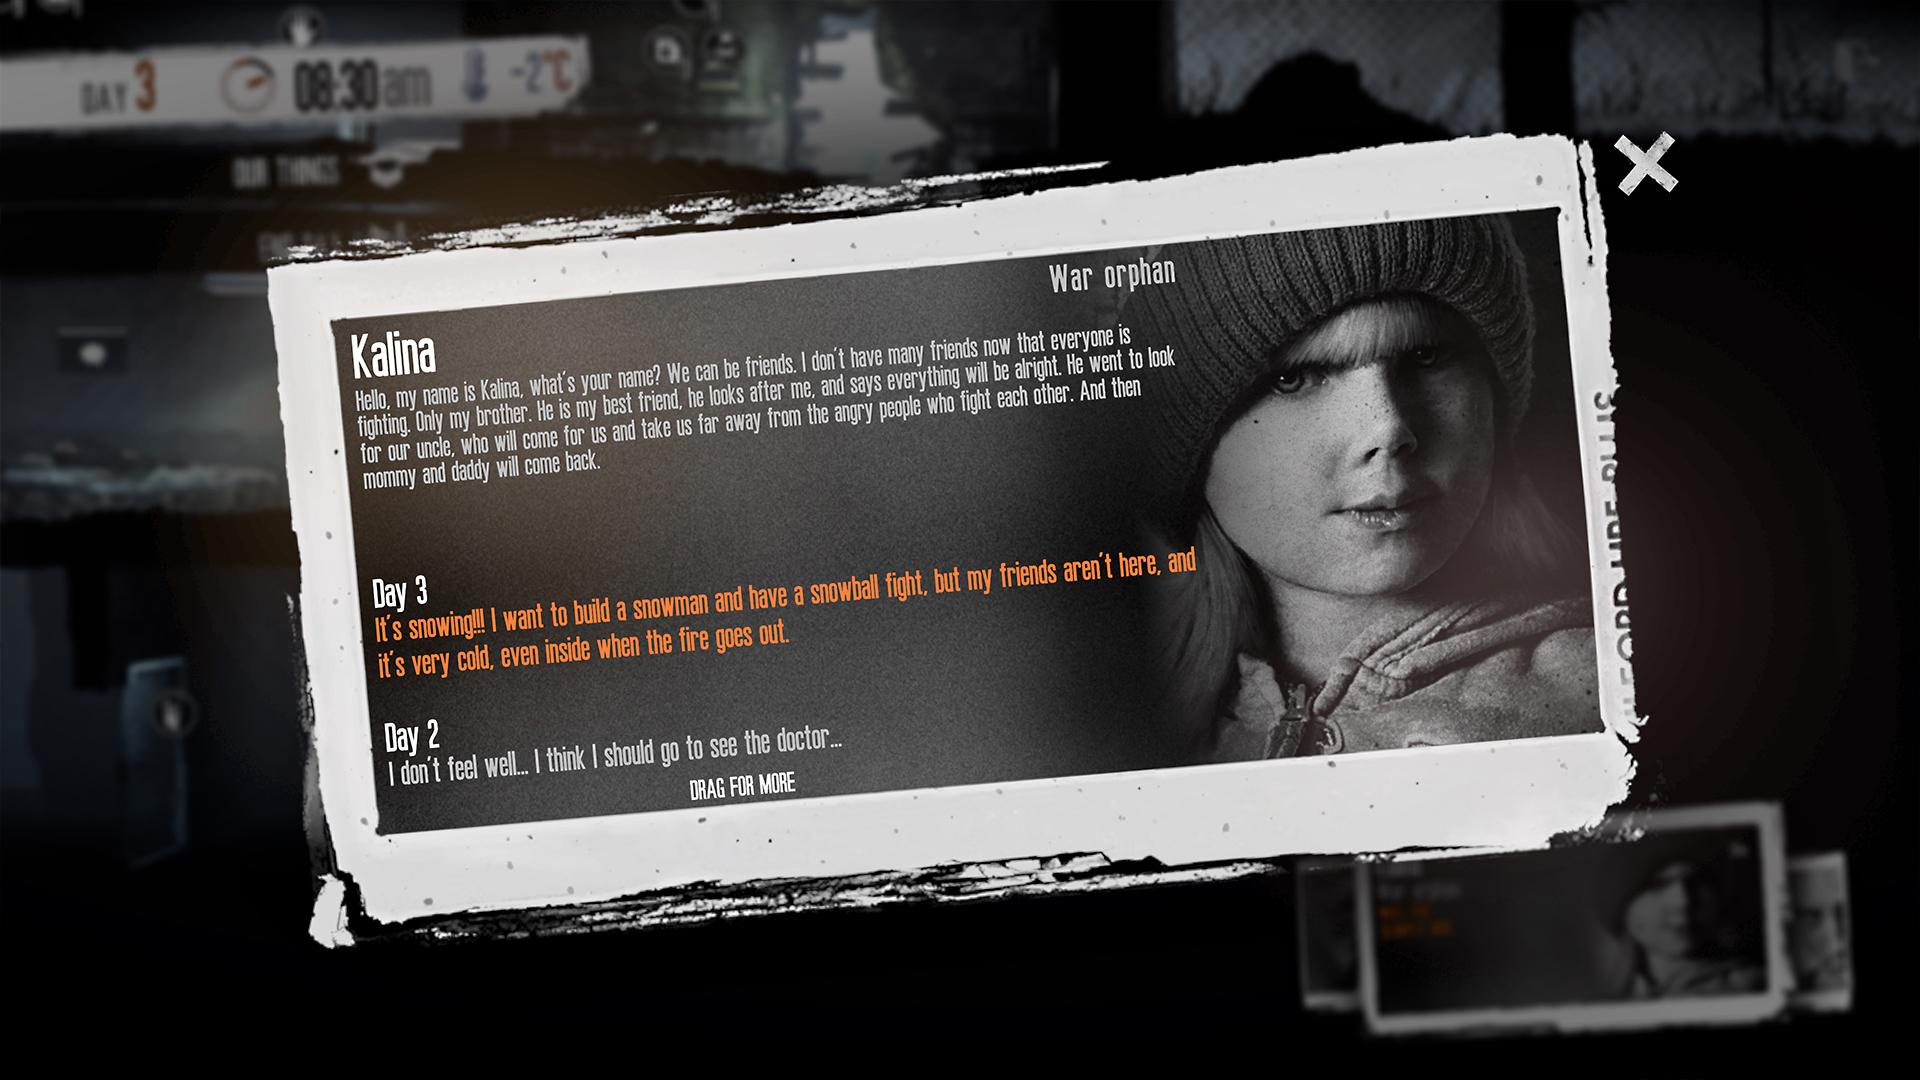 这是我的战争:孩子们DLC